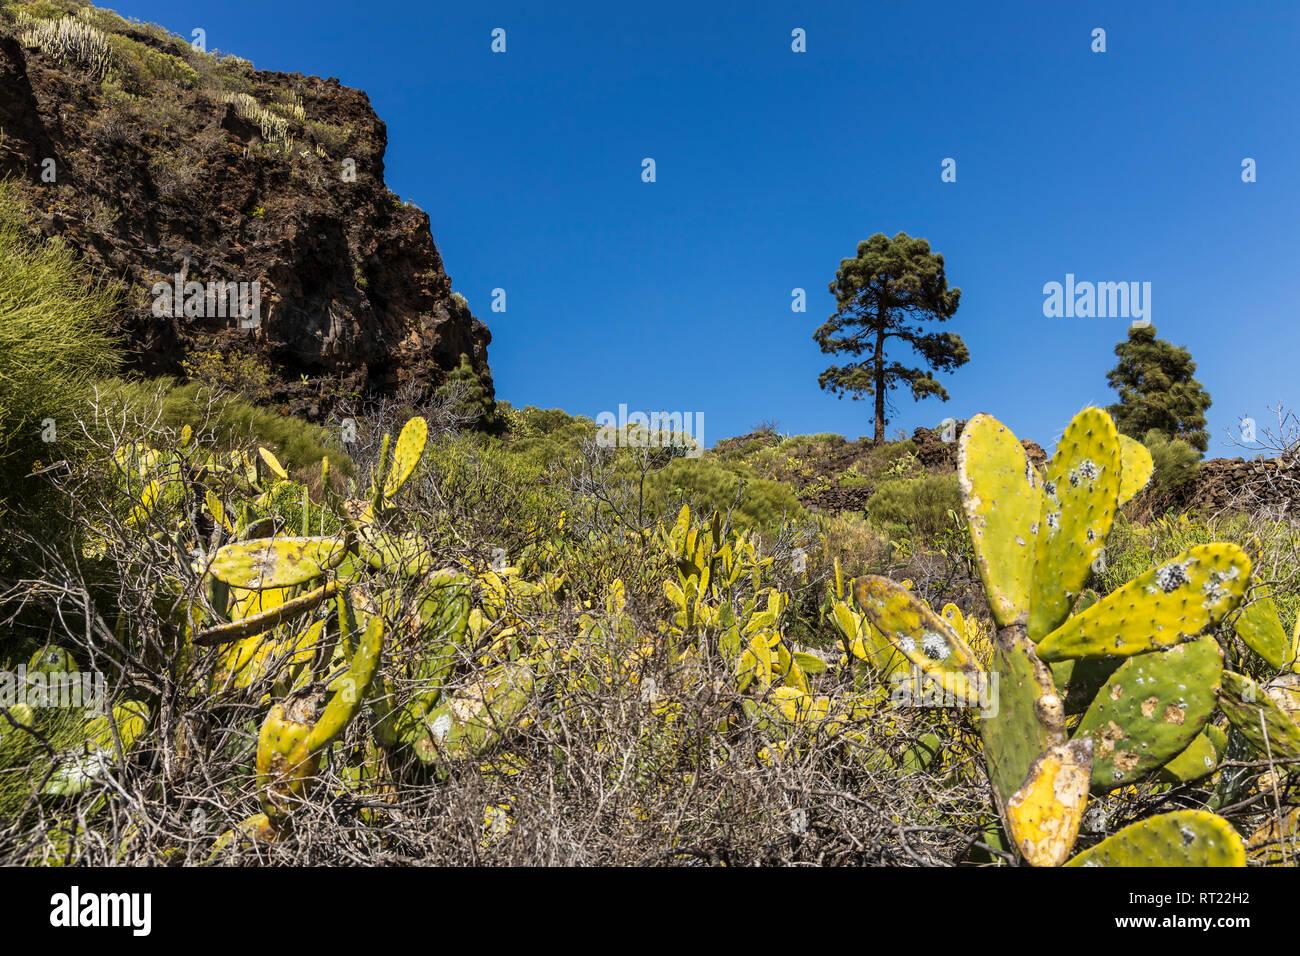 Felsen und Klippen in der Nähe von Tamaimo in Santiago del Teide, Teneriffa, Kanarische Inseln, Spanien Stockbild